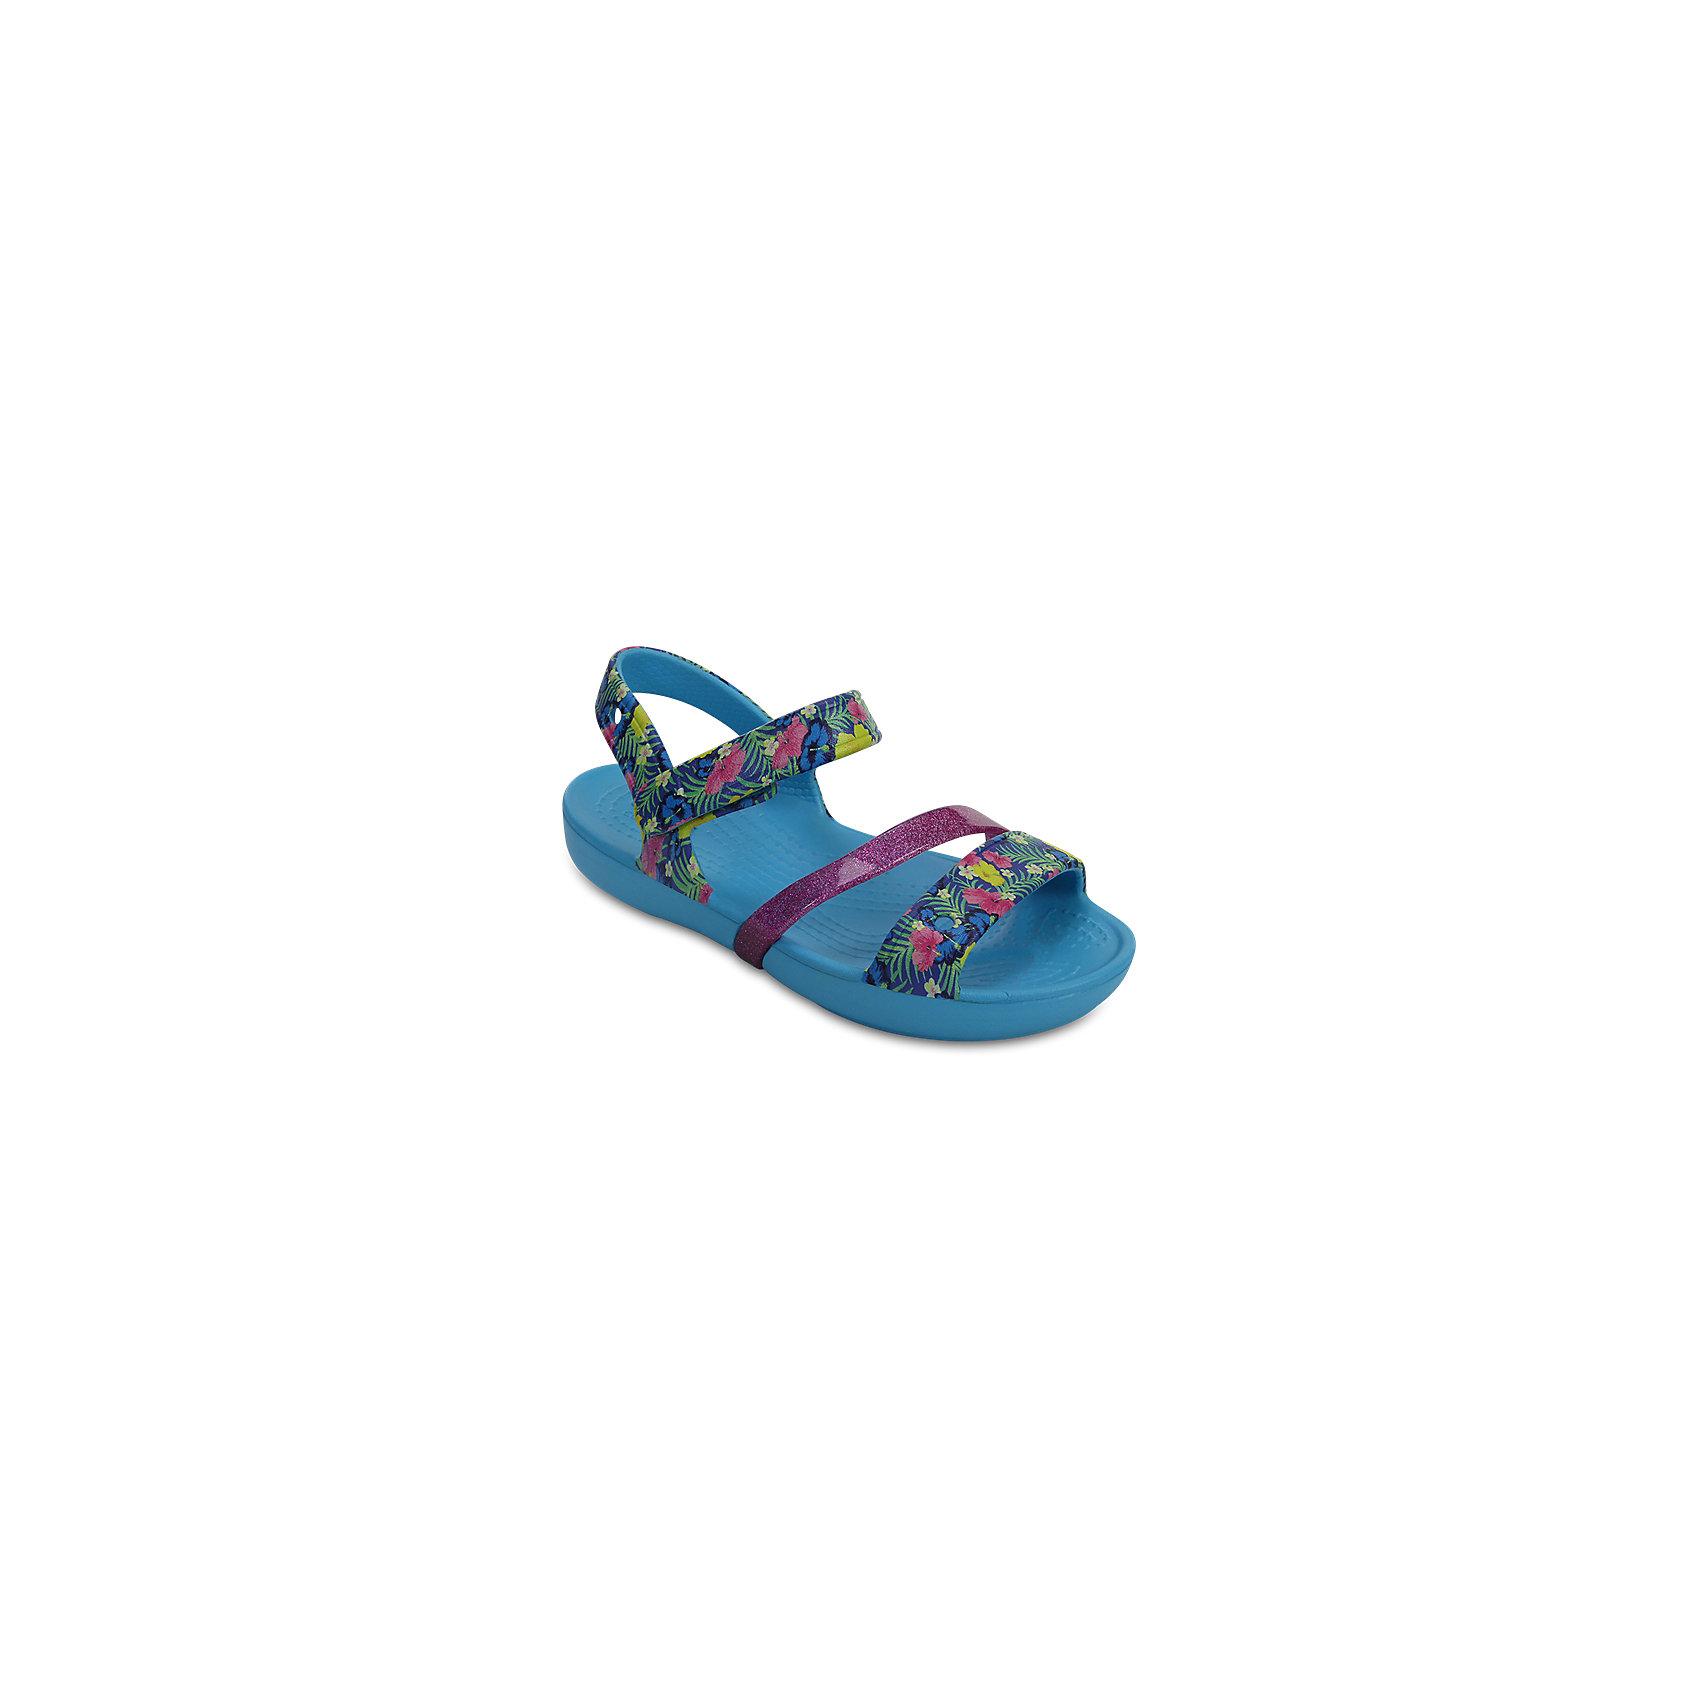 Босоножки LINA SANDAL CrocsПляжная обувь<br>Характеристики товара:<br><br>• цвет: голубой<br>• сезон: лето<br>• материал: 100% полимер Croslite™<br>• литая модель<br>• бактериостатичный материал<br>• пяточный ремешок фиксирует стопу<br>• устойчивая подошва<br>• анатомическая стелька с массажными точками<br>• страна бренда: США<br>• страна изготовитель: Китай<br><br>Обувь от американского бренда Crocs завоевала широкую популярность во всем мире, и это не удивительно - ведь она невероятно удобна. <br><br>Её носят врачи, спортсмены, звёзды шоу-бизнеса, люди, которым много времени приходится бывать на ногах - они понимают, как важна комфортная обувь. <br><br>Продукция Crocs - это качественные товары, созданные с применением новейших технологий. Обувь отличается стильным дизайном и продуманной конструкцией. <br><br>Изделие производится из качественных и проверенных материалов, которые безопасны для детей.<br><br>Сандалии LINA SANDAL от торговой марки Crocs можно купить в нашем интернет-магазине.<br><br>Ширина мм: 219<br>Глубина мм: 154<br>Высота мм: 121<br>Вес г: 343<br>Цвет: голубой<br>Возраст от месяцев: 12<br>Возраст до месяцев: 15<br>Пол: Женский<br>Возраст: Детский<br>Размер: 21,27,31/32,28,29,30,33/34,34/35,22,23,24,25,26<br>SKU: 5416892